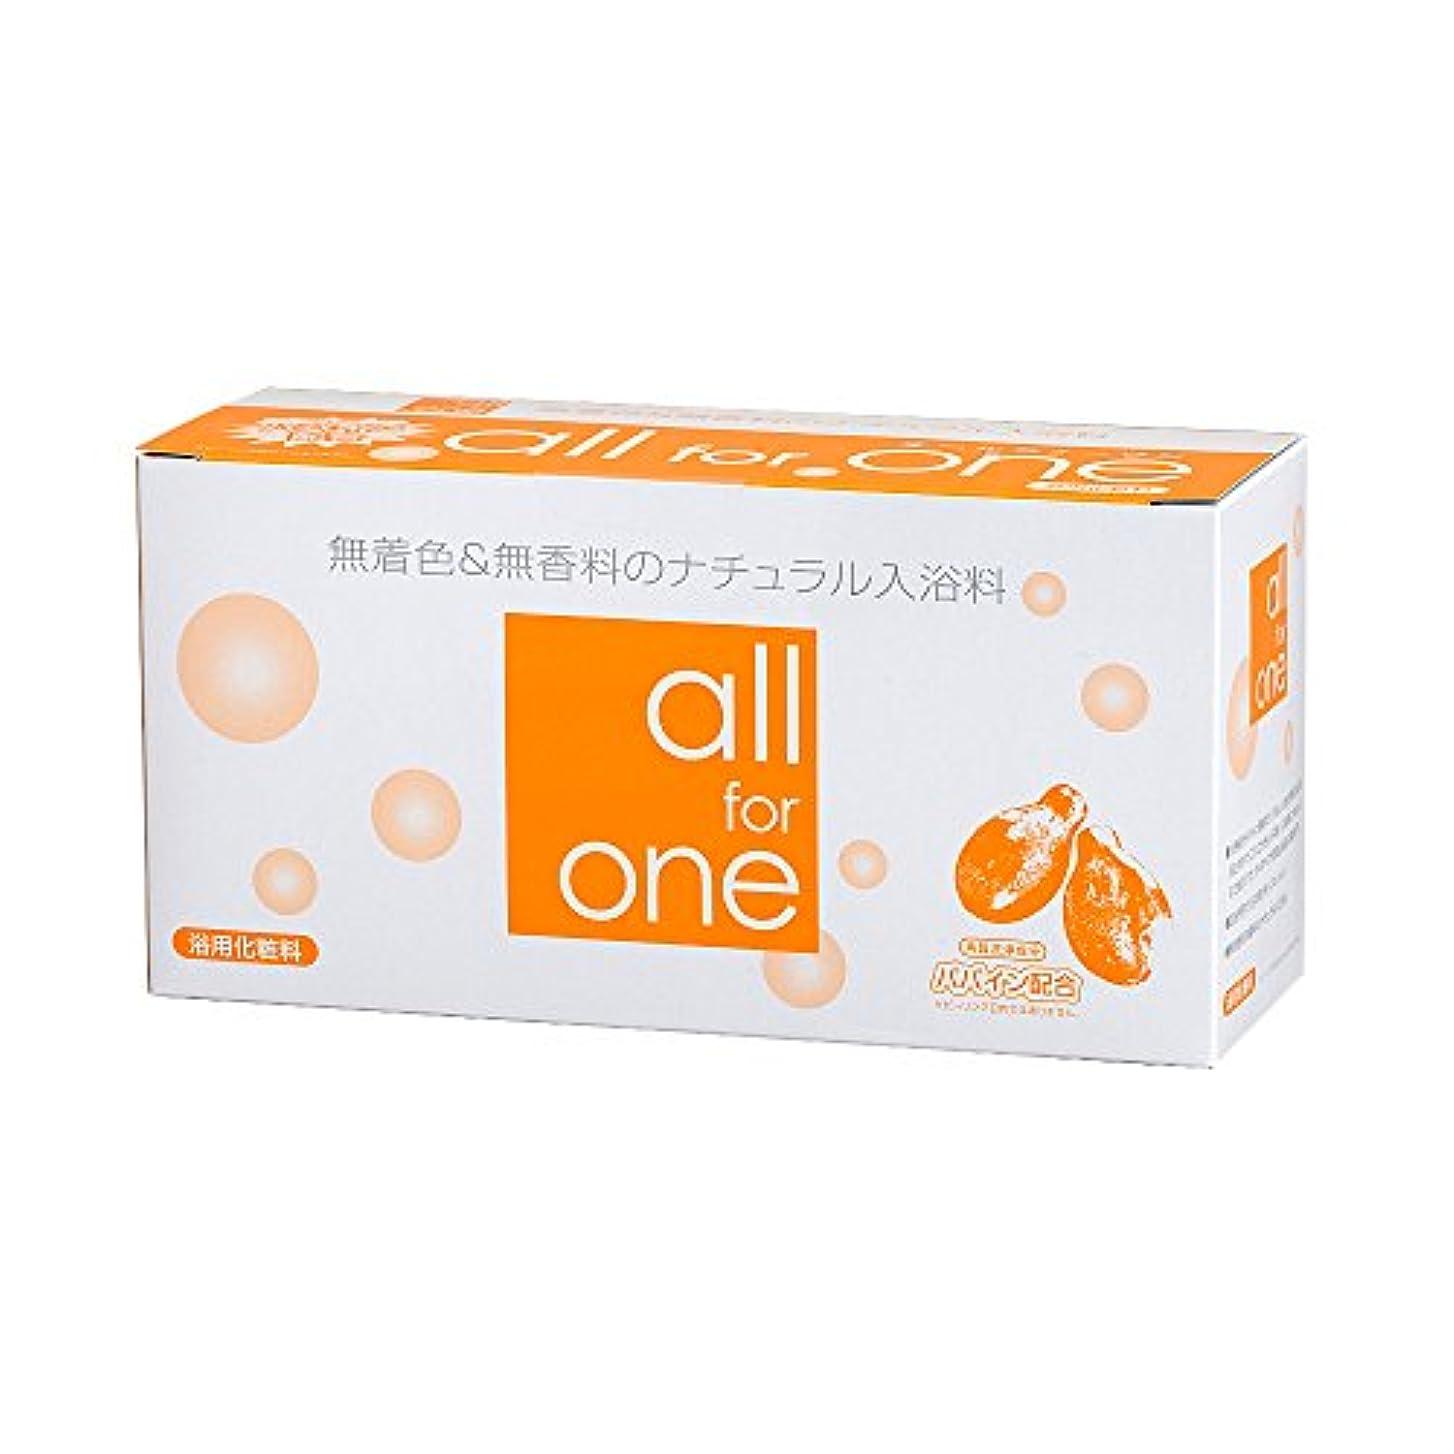 盲目鯨周りパパイン酵素配合 無着色&無香料 ナチュラル入浴剤 all for one 30包